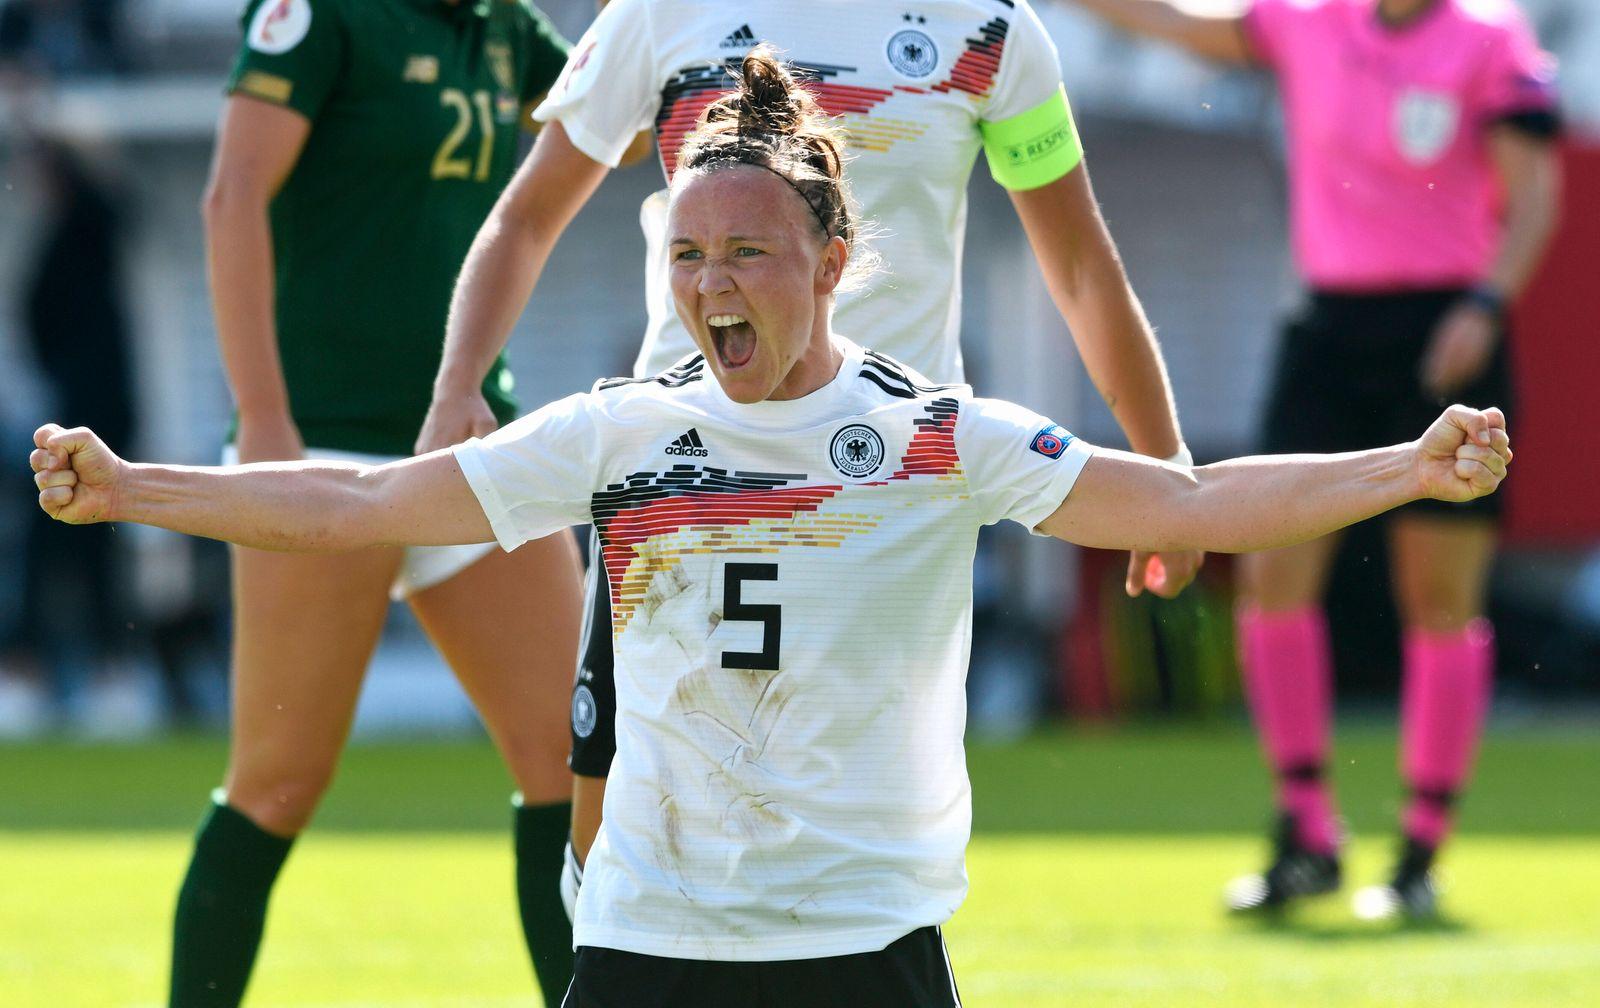 Fussball, Frauen, Deutschland, Nationalmannschaft; EM-Qualifikation im Stadion Essen: Deutschland (weiss) - Irland (grü